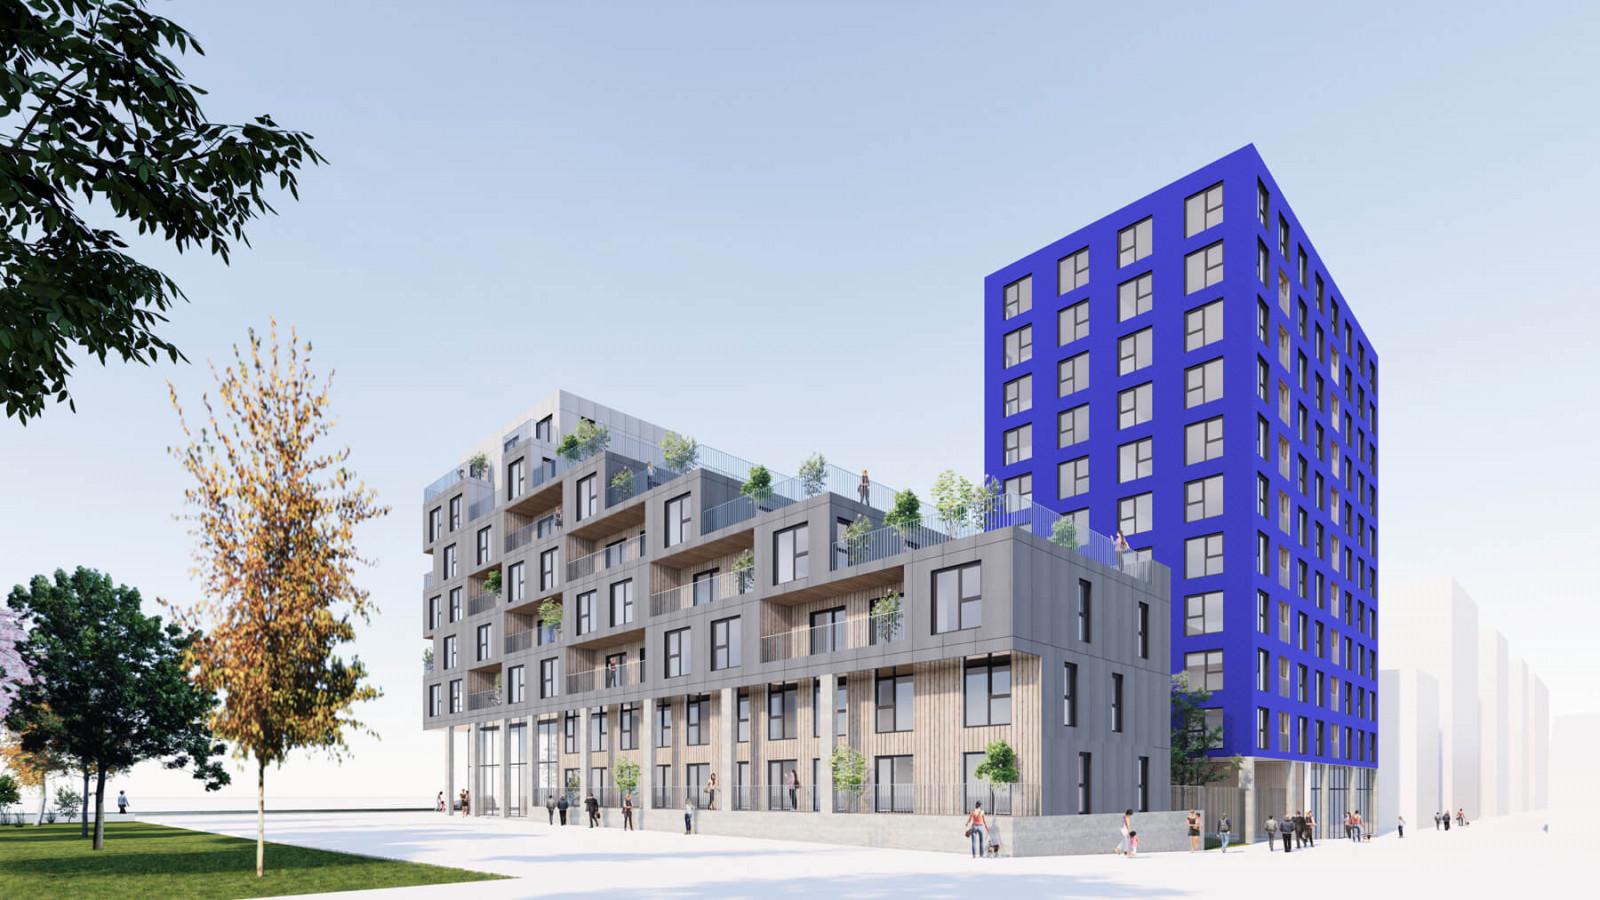 graam-avenue-1-02-logements-dijon-exterieur-rue-facade-loggia-tour-klein